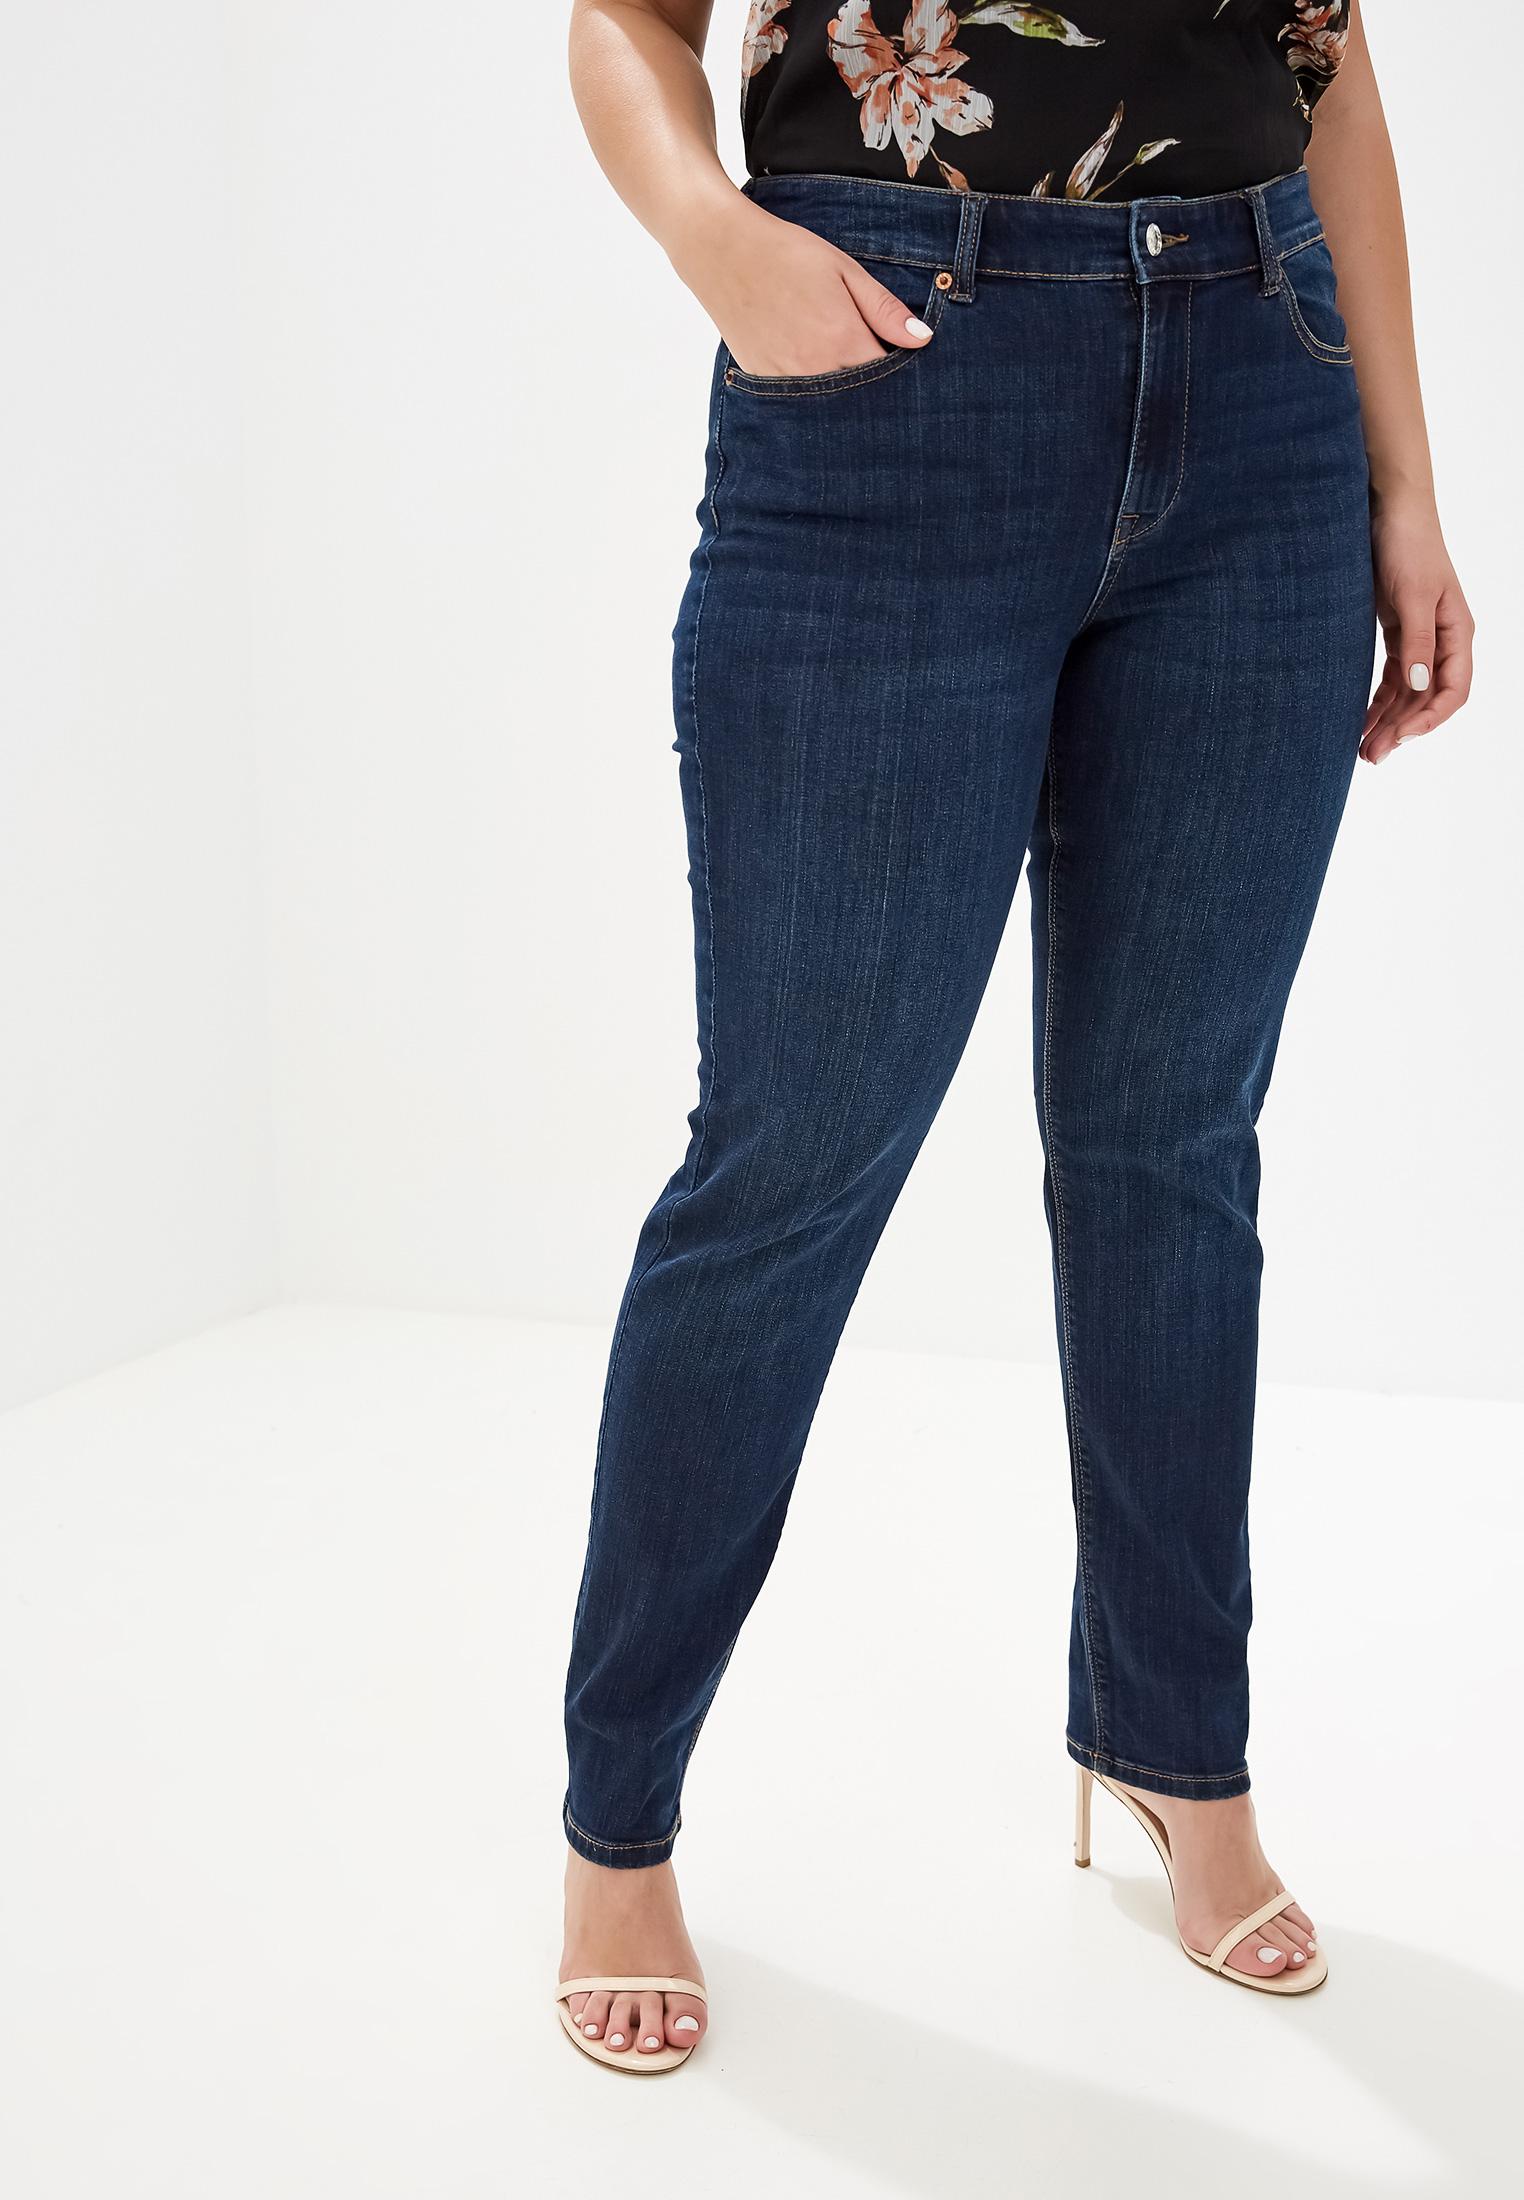 Зауженные джинсы Violeta by Mango (Виолетта бай Манго) 53830468